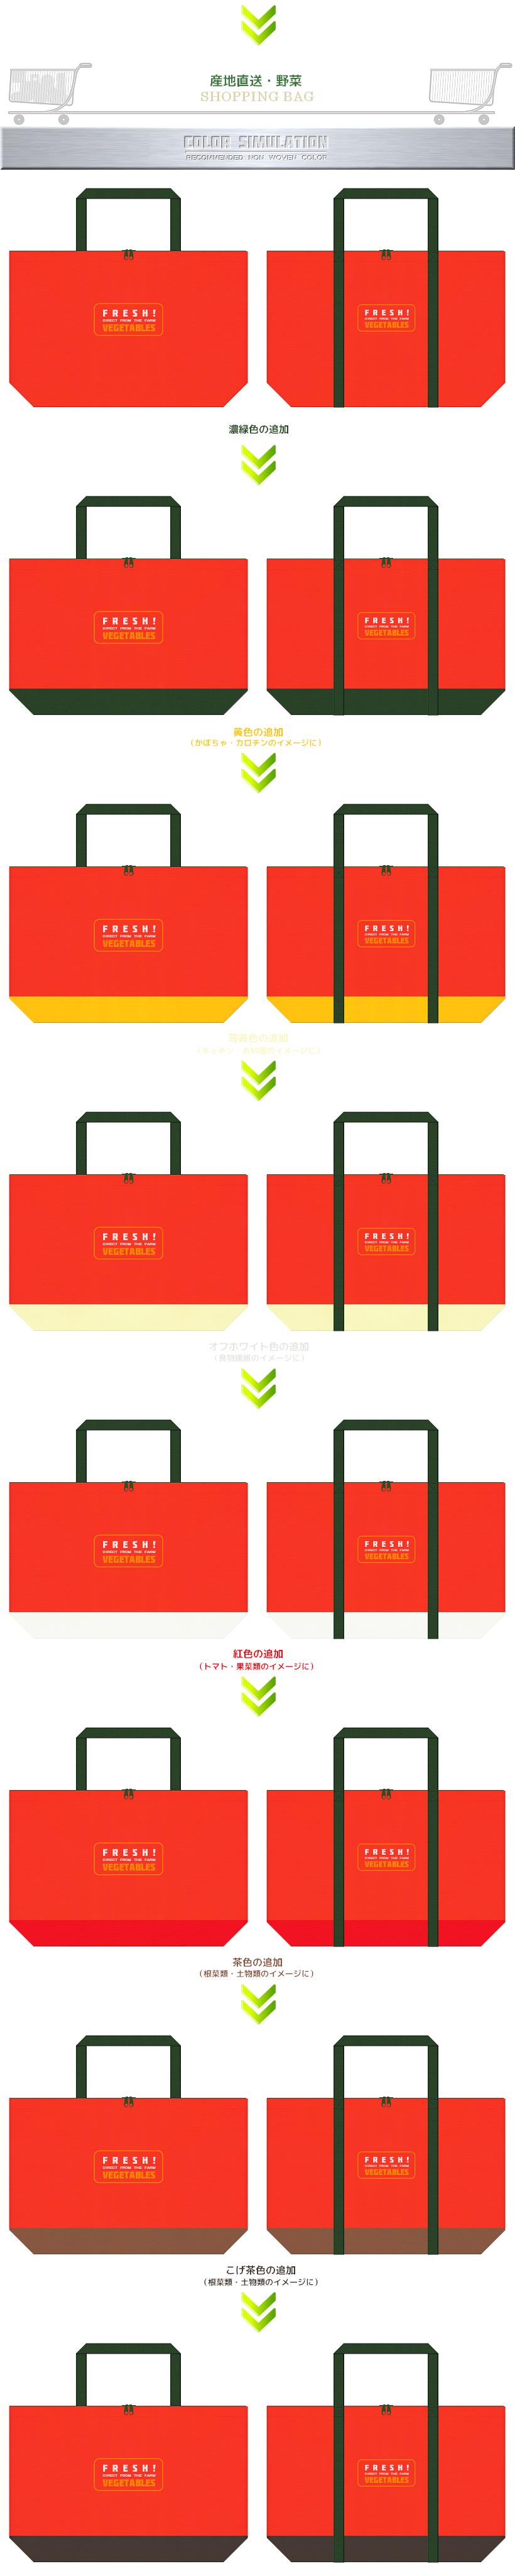 オレンジ色メインのファスナー付き不織布バッグのデザイン:産地直送・野菜のショッピングバッグ